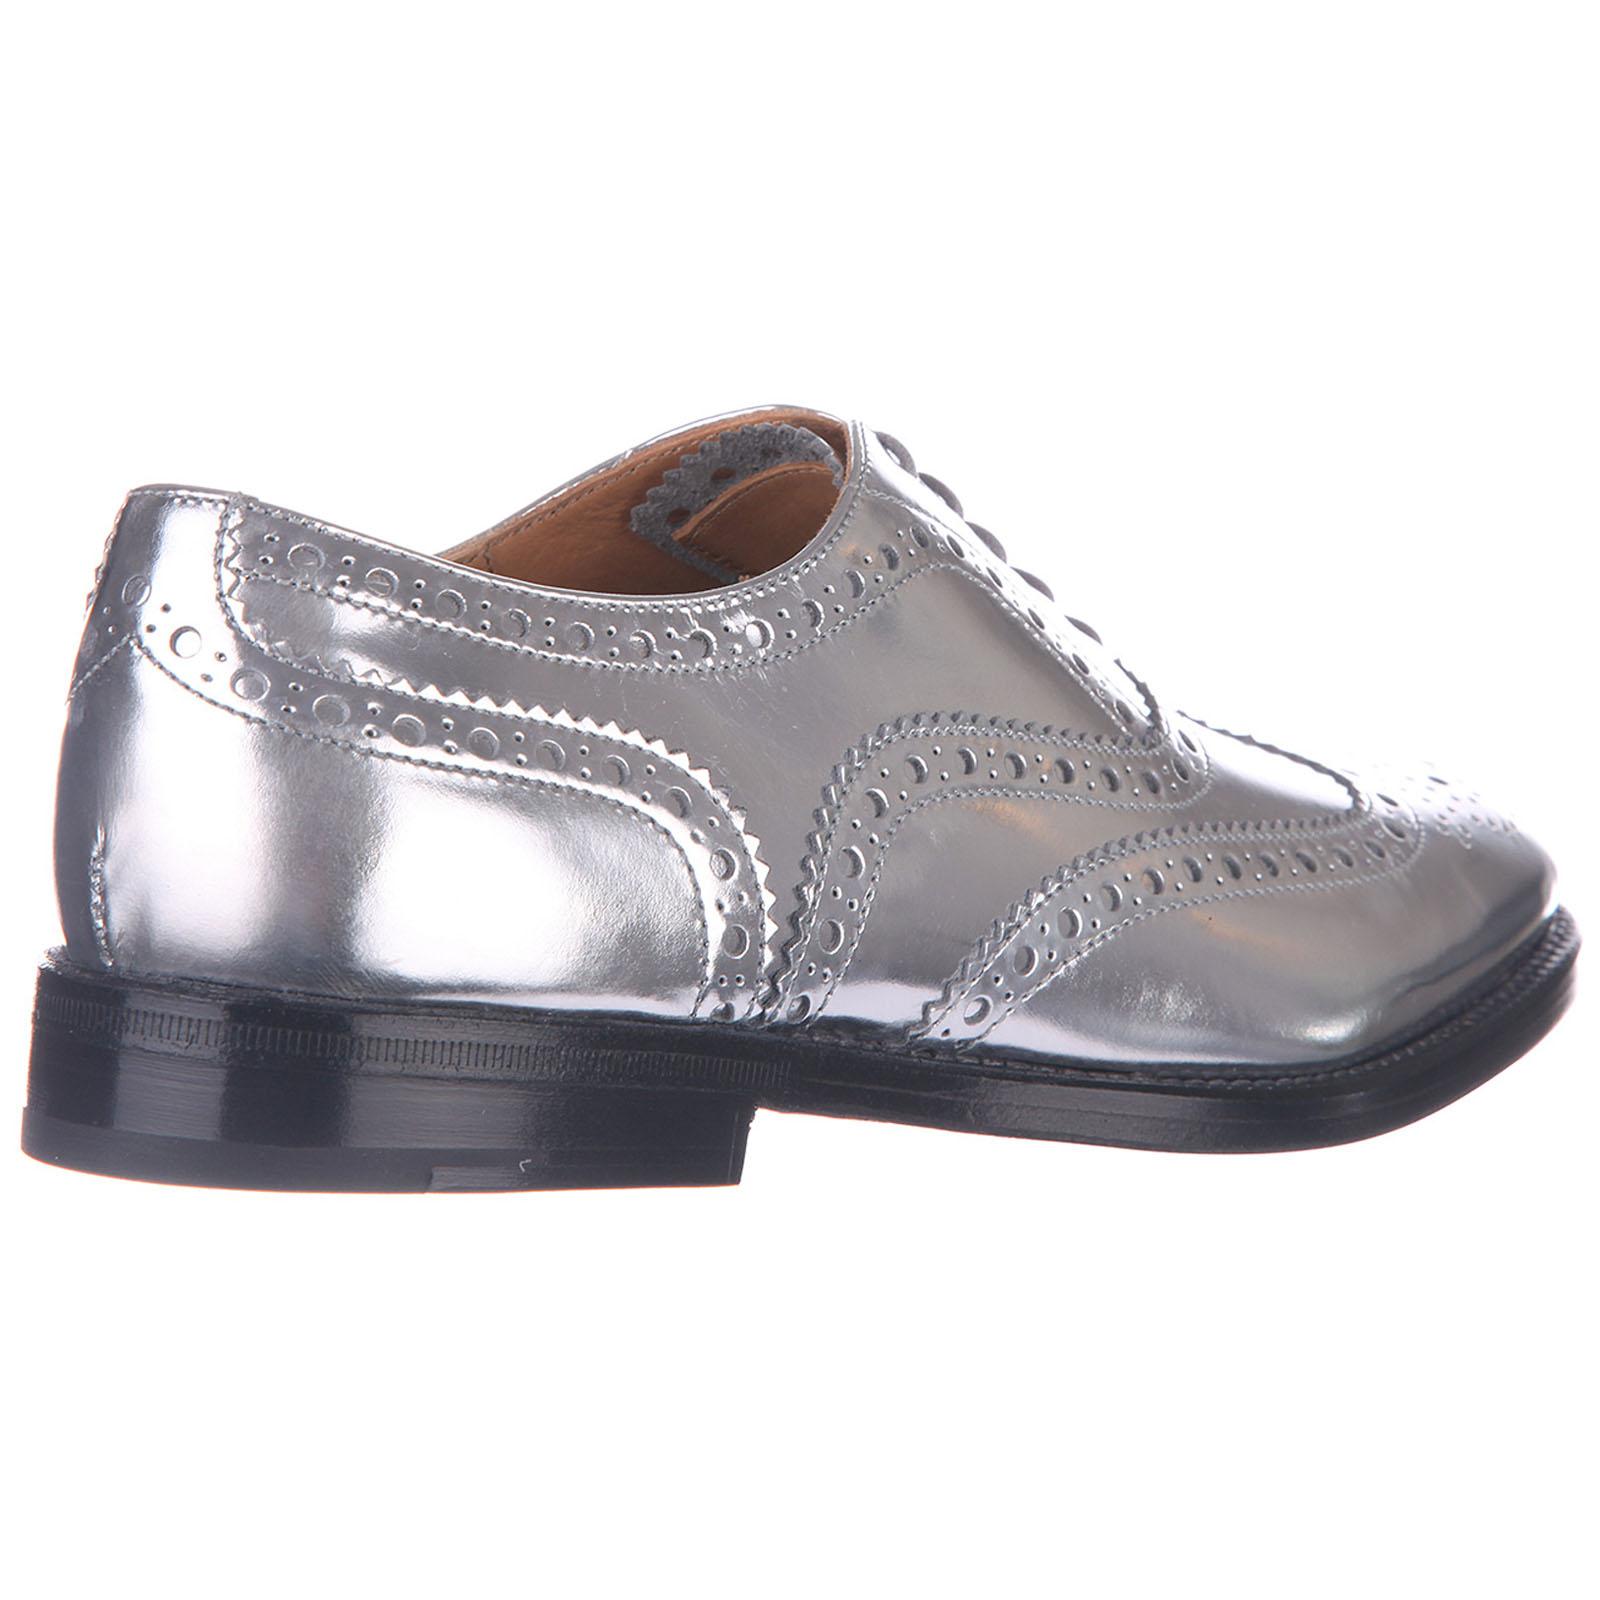 Chaussures à lacets classiques femme en cuir mirror brogue burwood